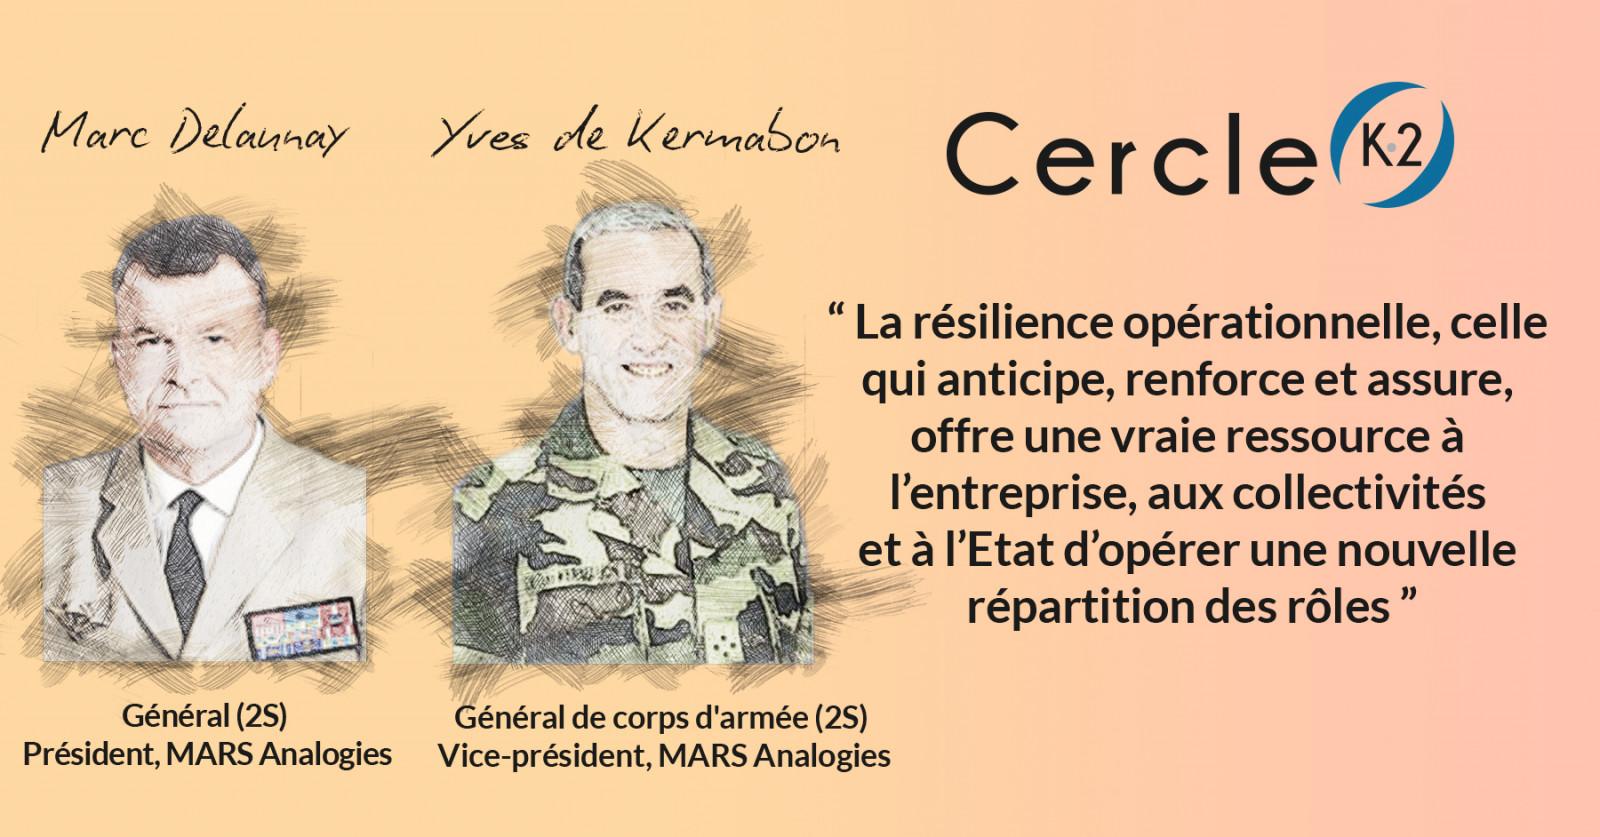 Résilience opérationnelle - Cercle K2